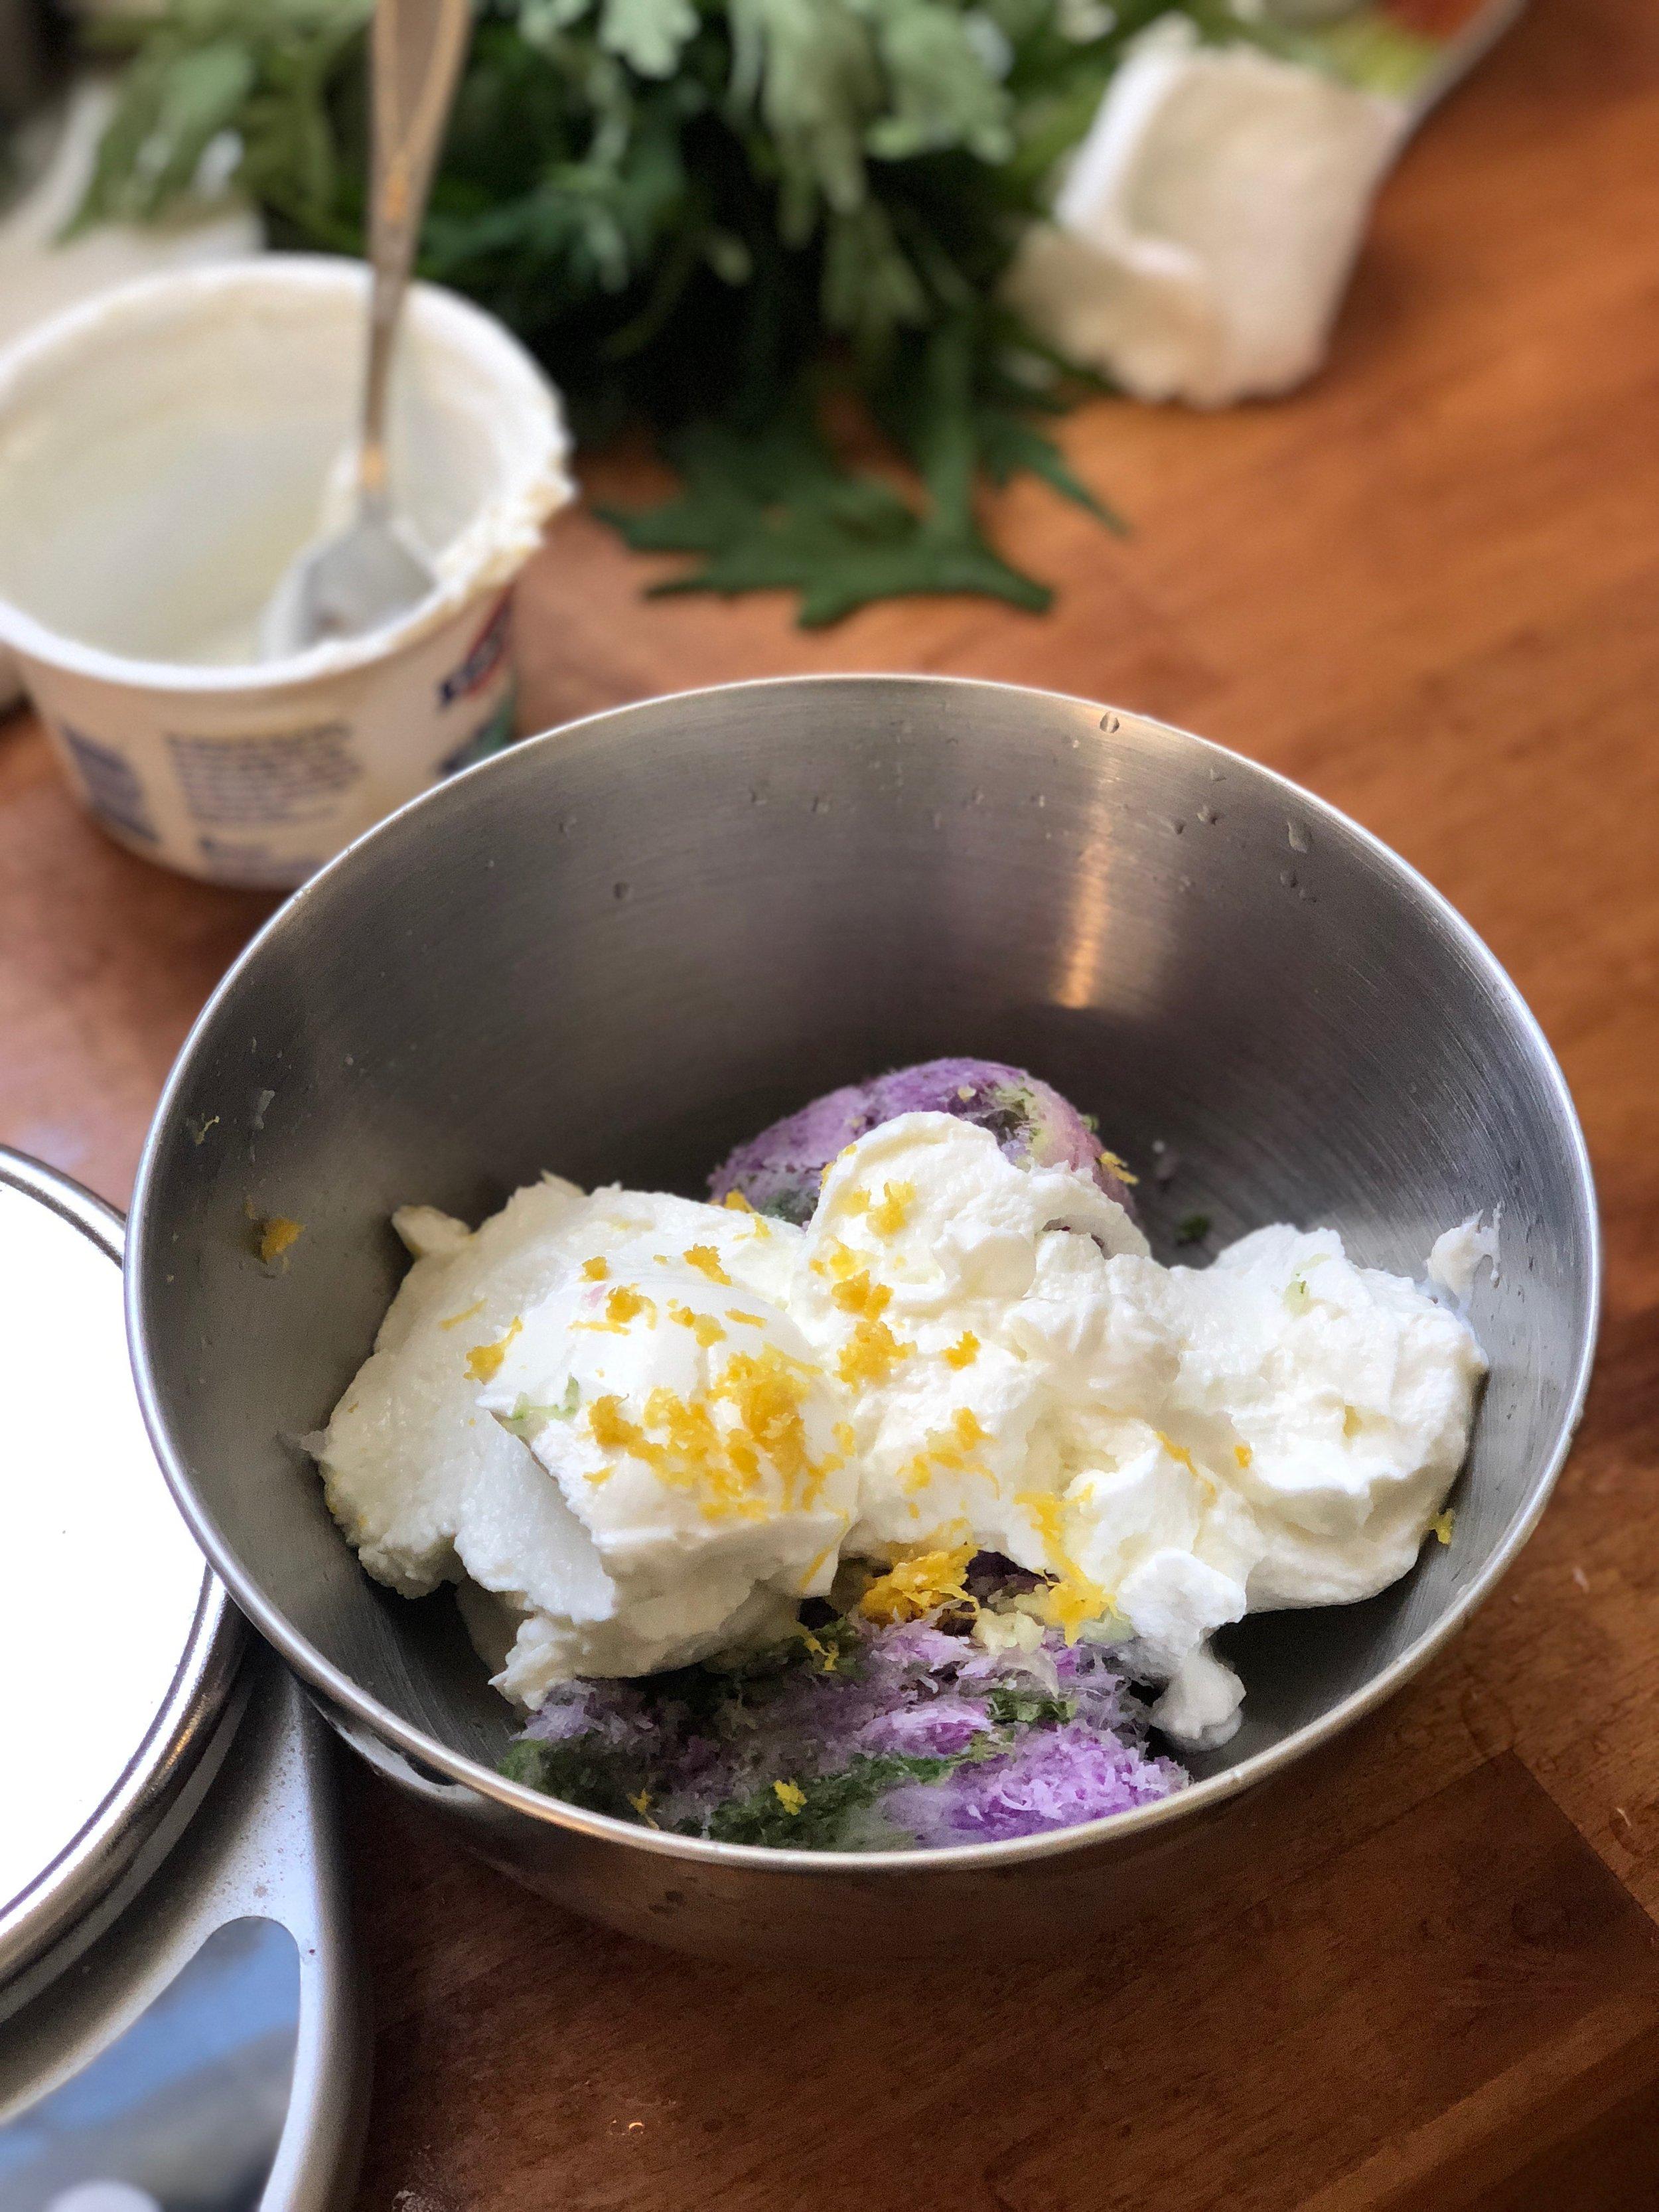 radish-yogurt-mix.jpg